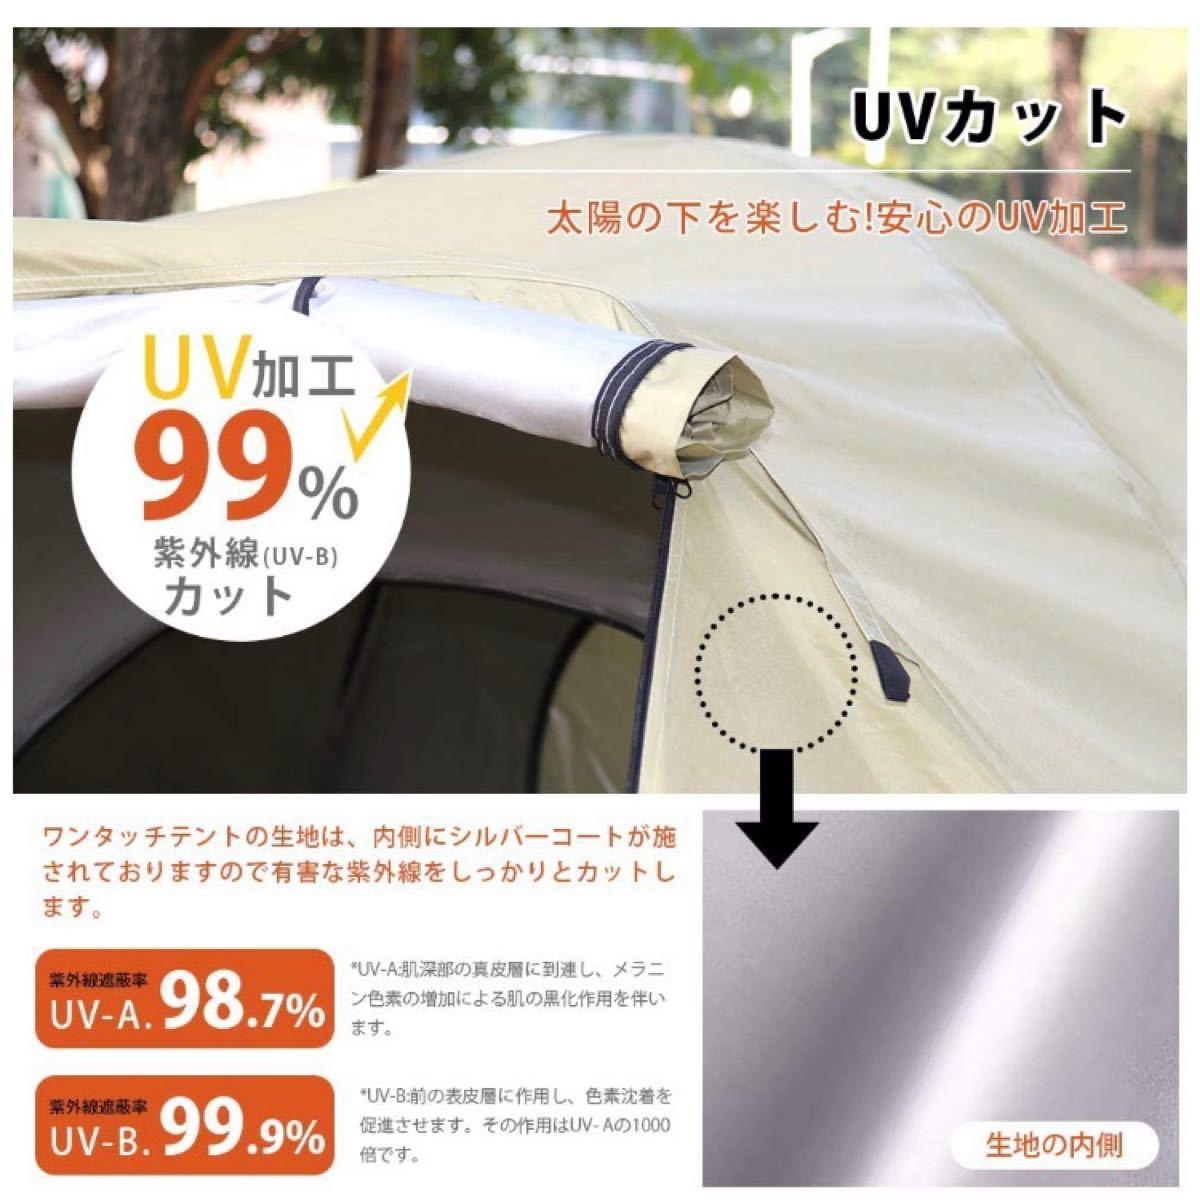 【送料無料】テント フライシート付キャンプテント フィールドキャンプドーム